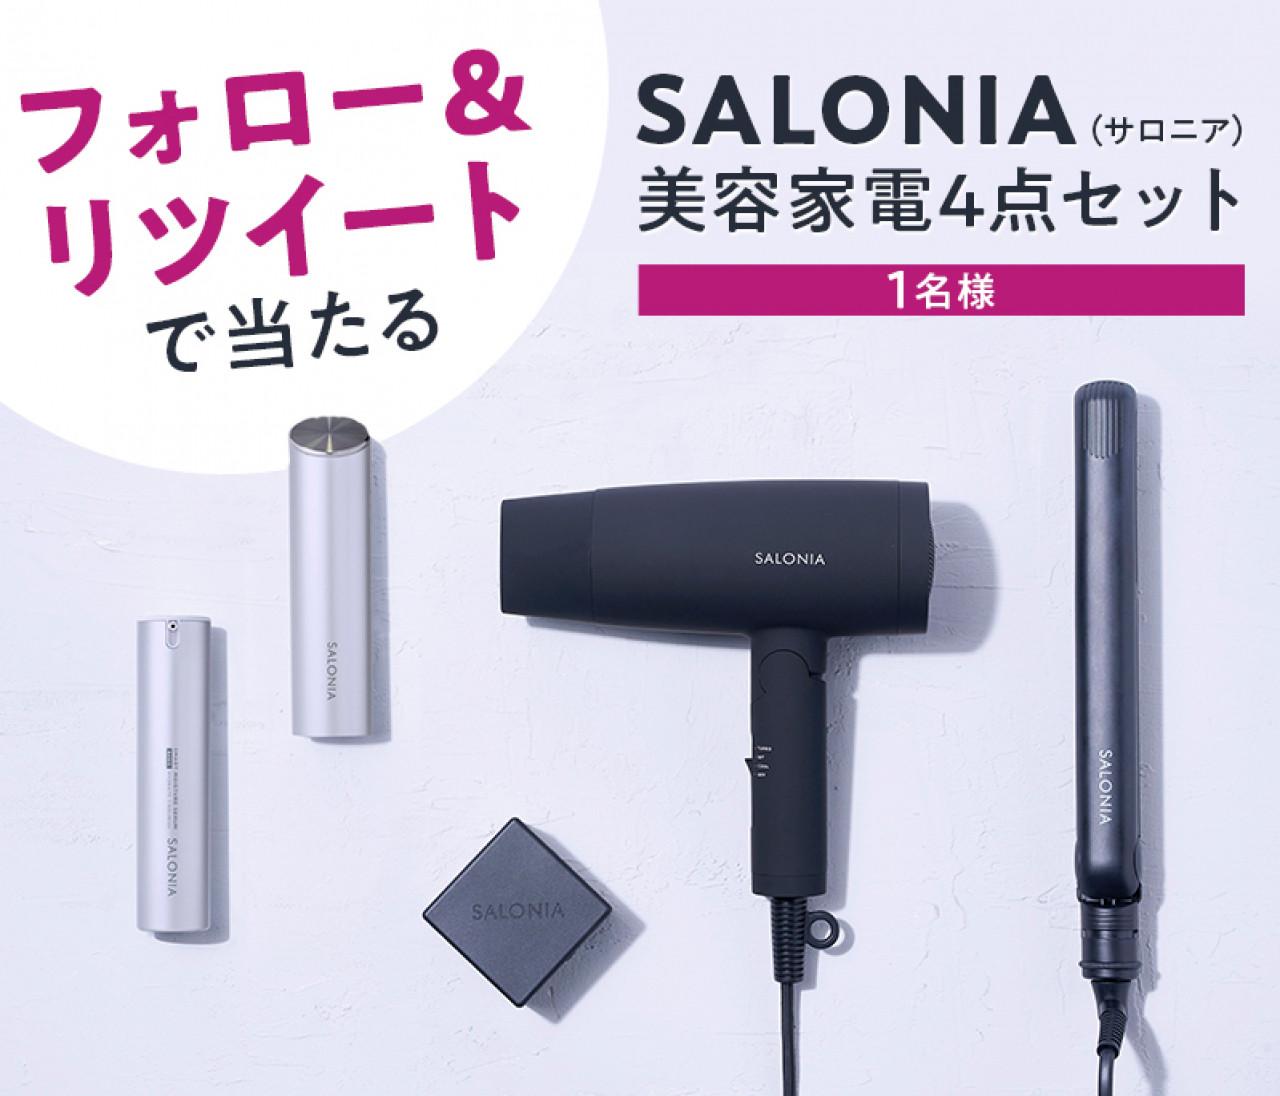 【BAILA公式Twitterフォロー&リツイートキャンペーン】SALONIA(サロニア)美容家電4点セットをプレゼント!